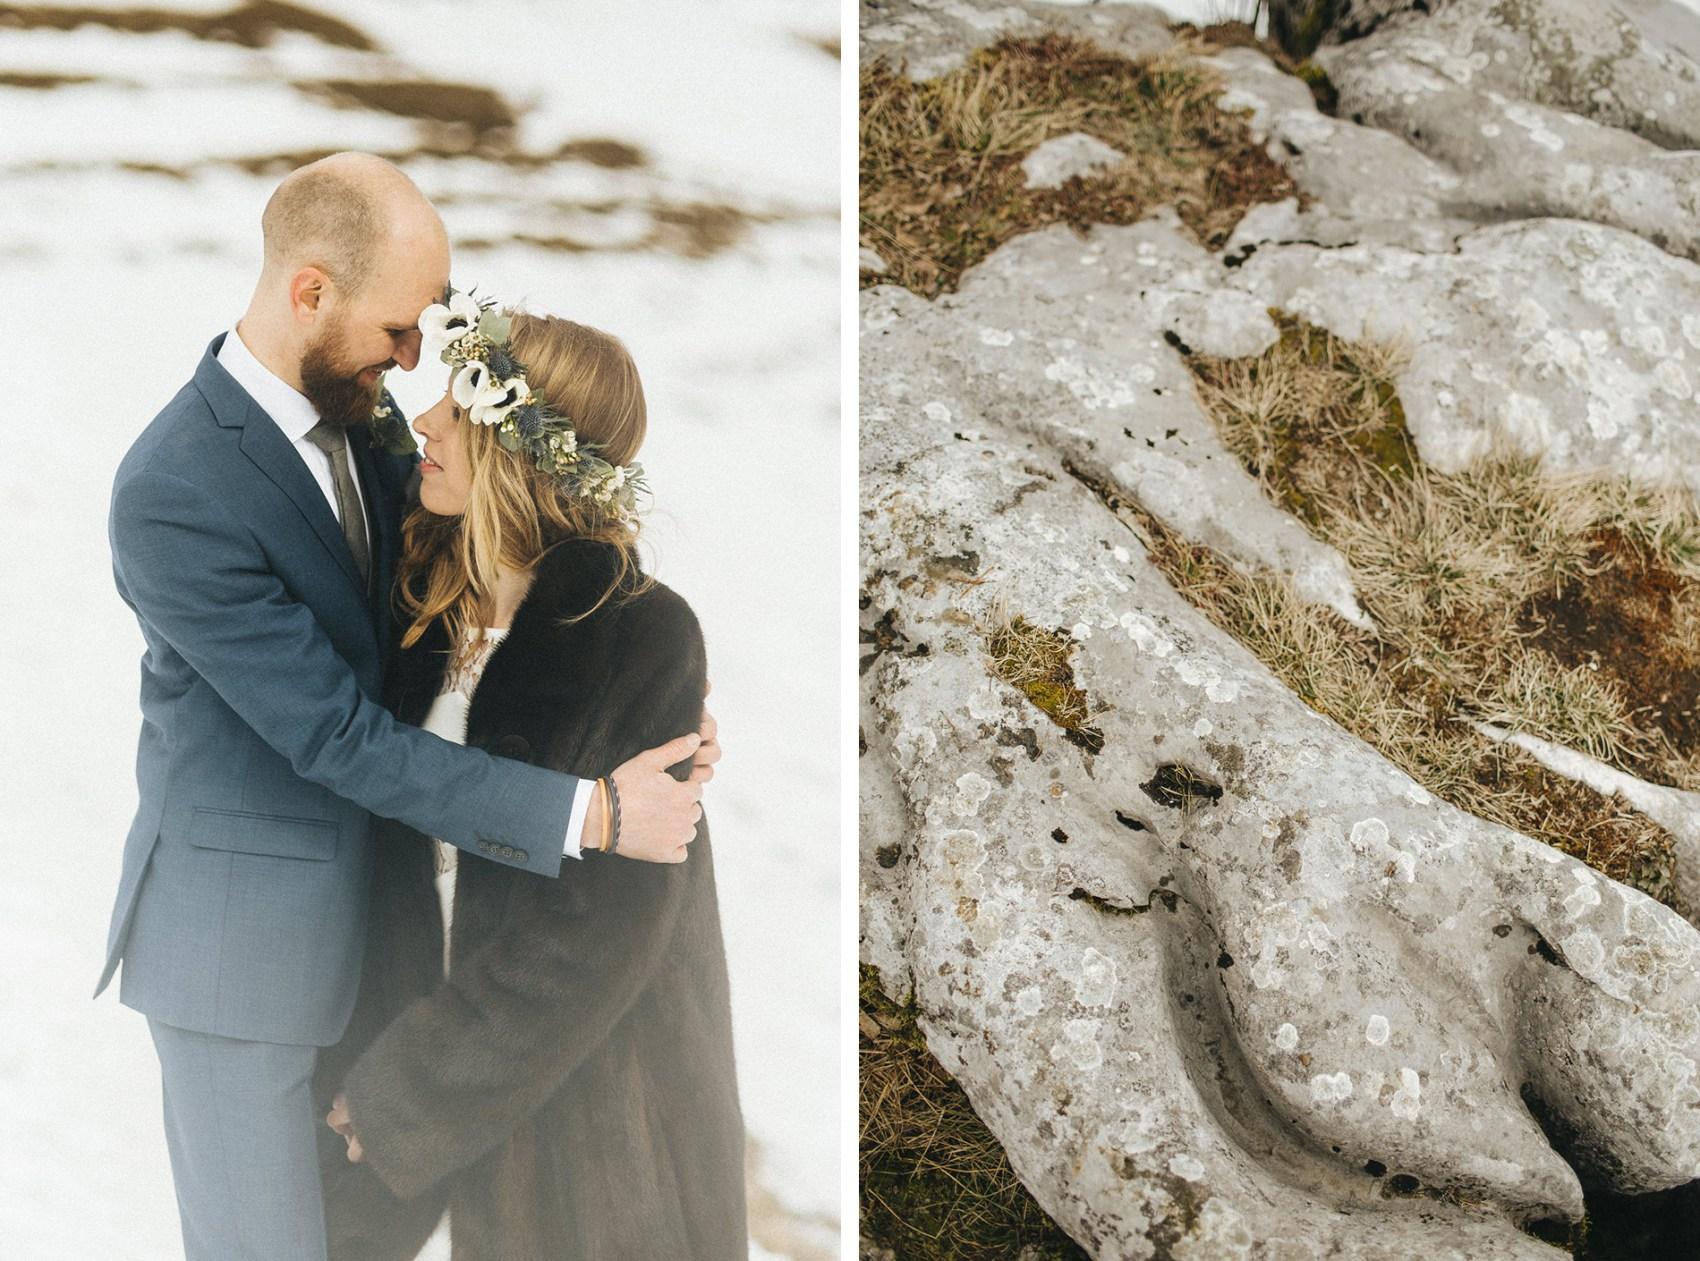 mariage-montagne-le-gite-du-passant-savoie-83-copie.jpg